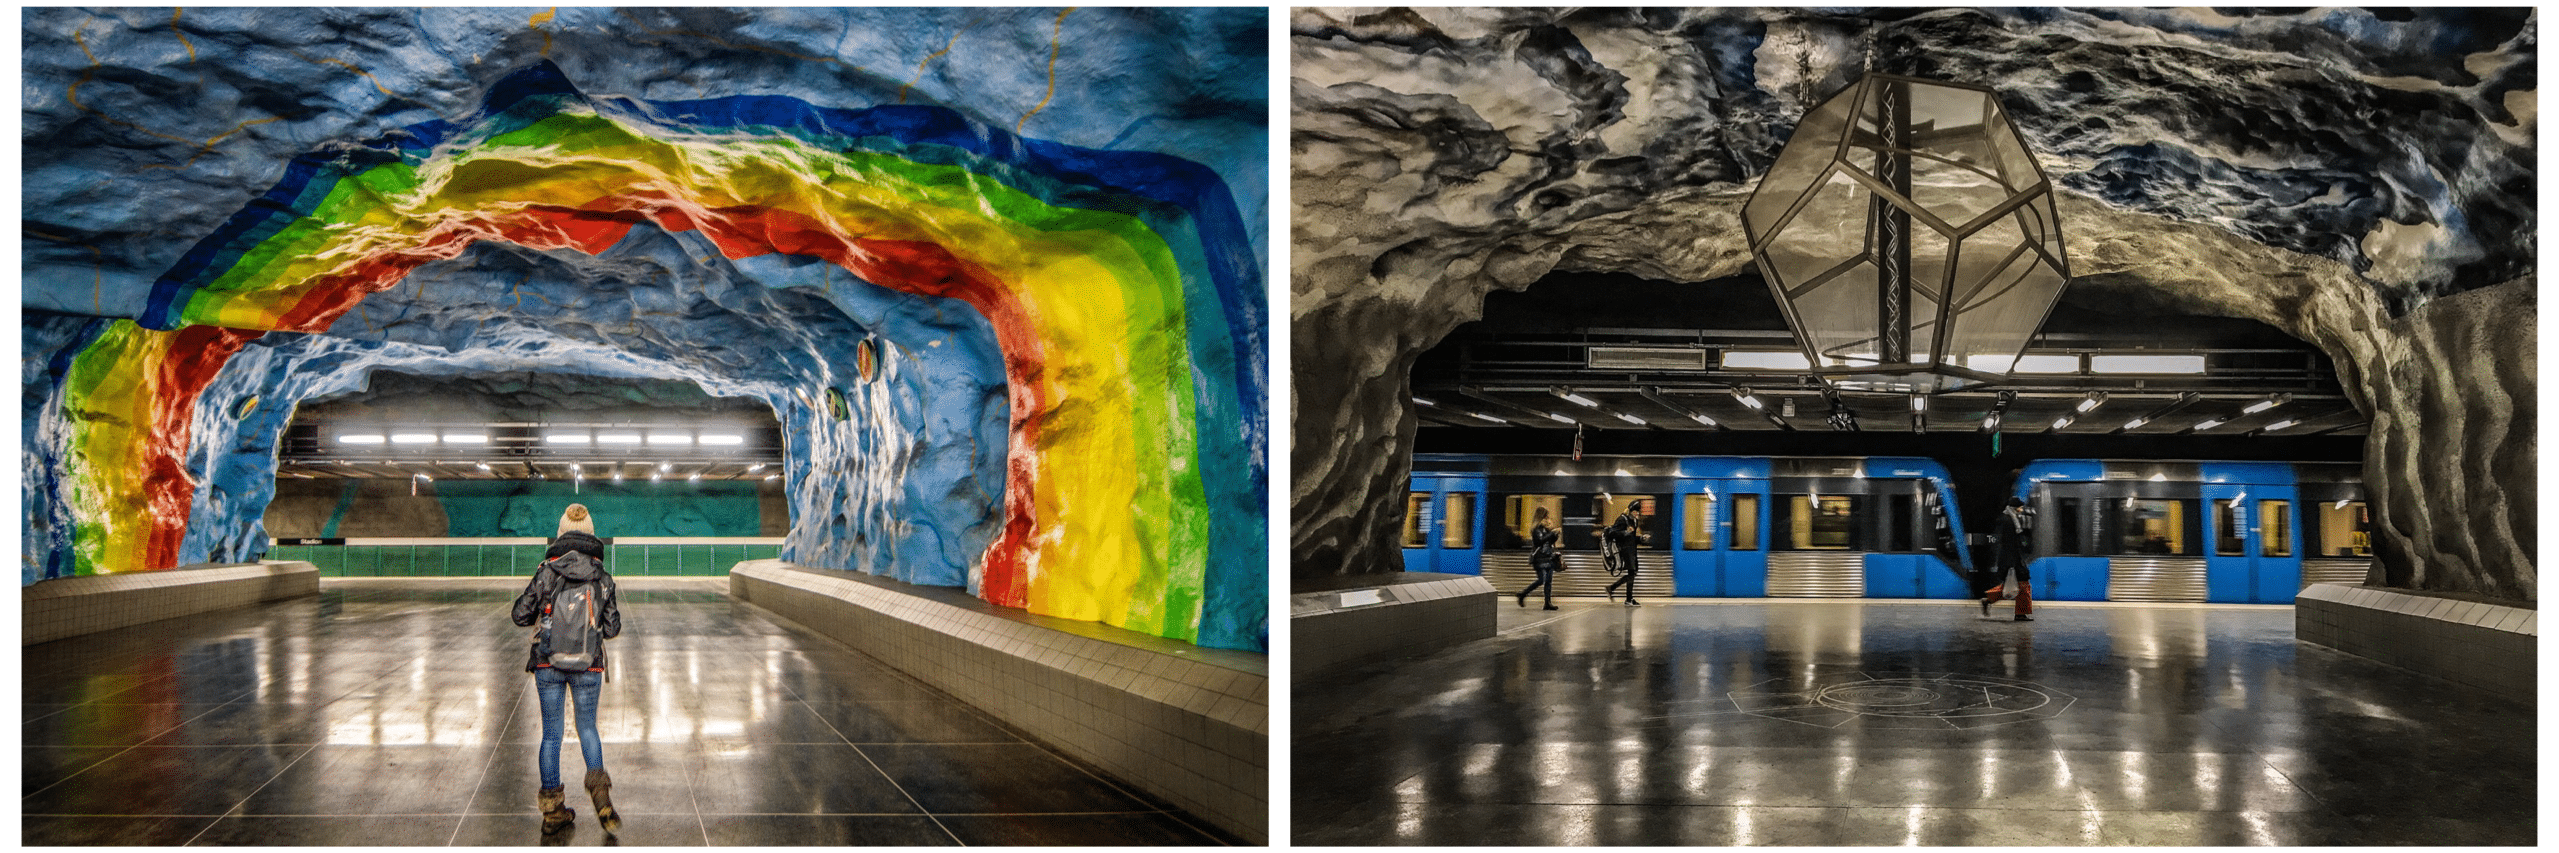 métro stockholm oeuvres d'art